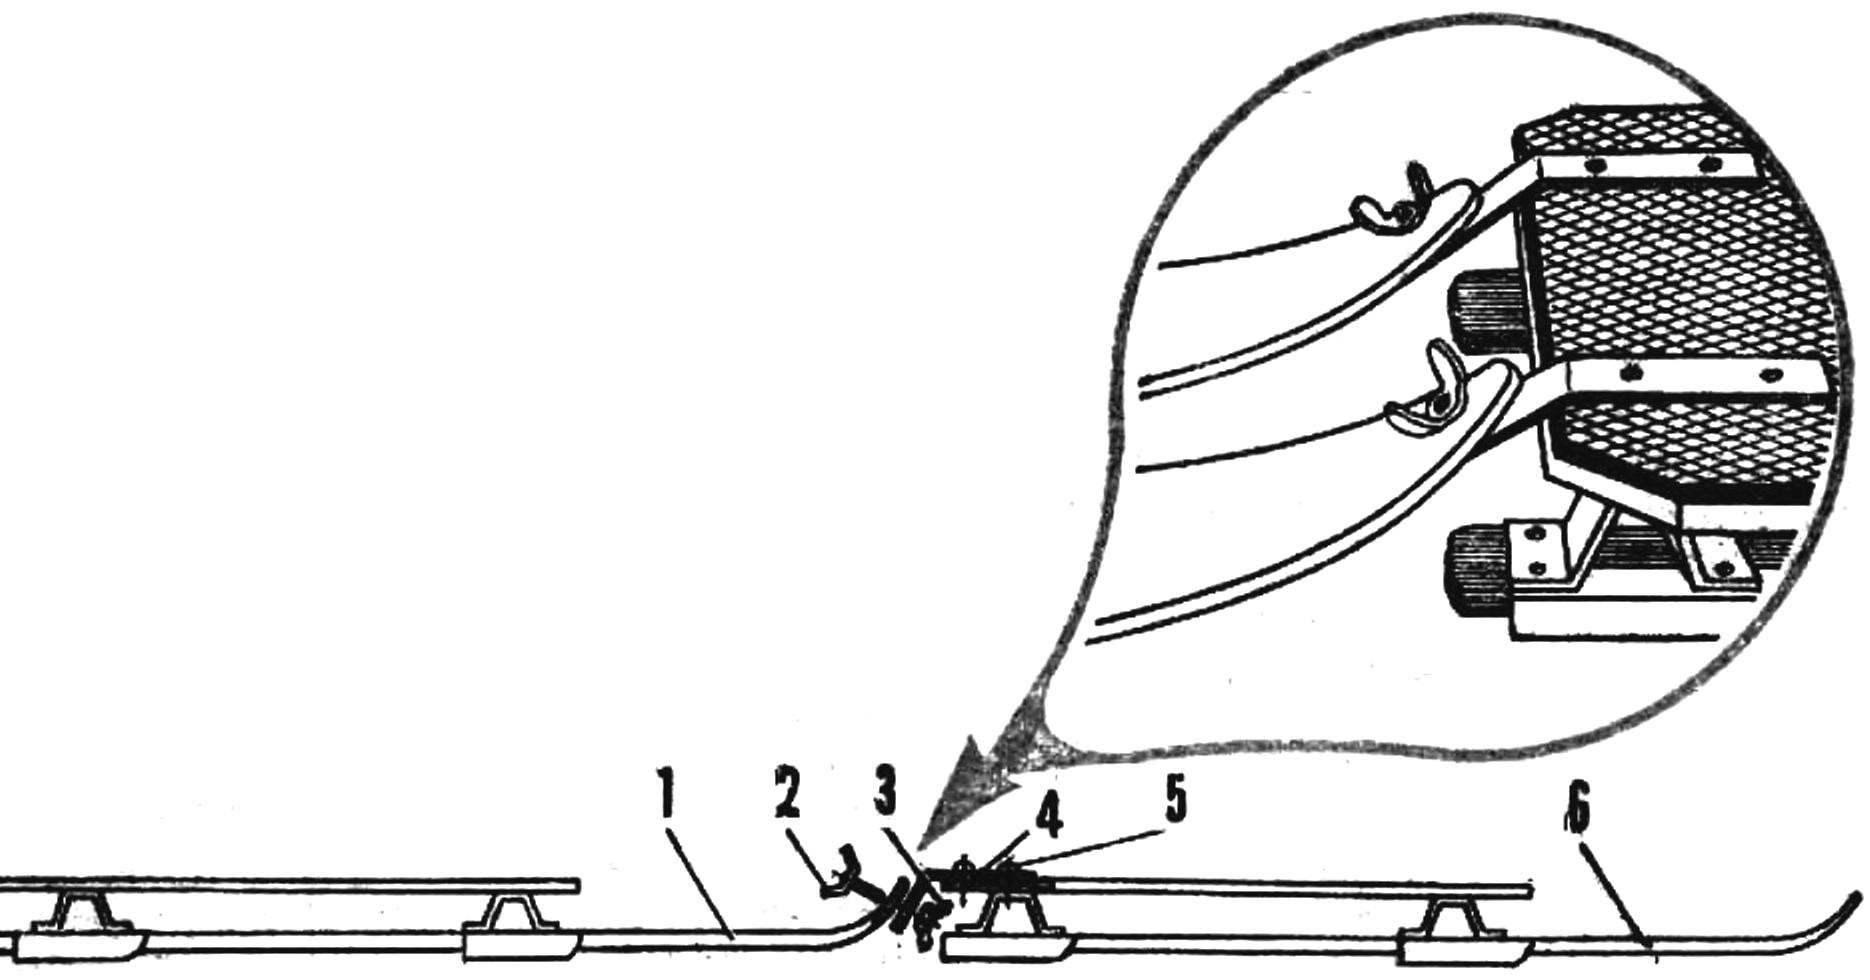 Рис. 4. Соединение секций тандема